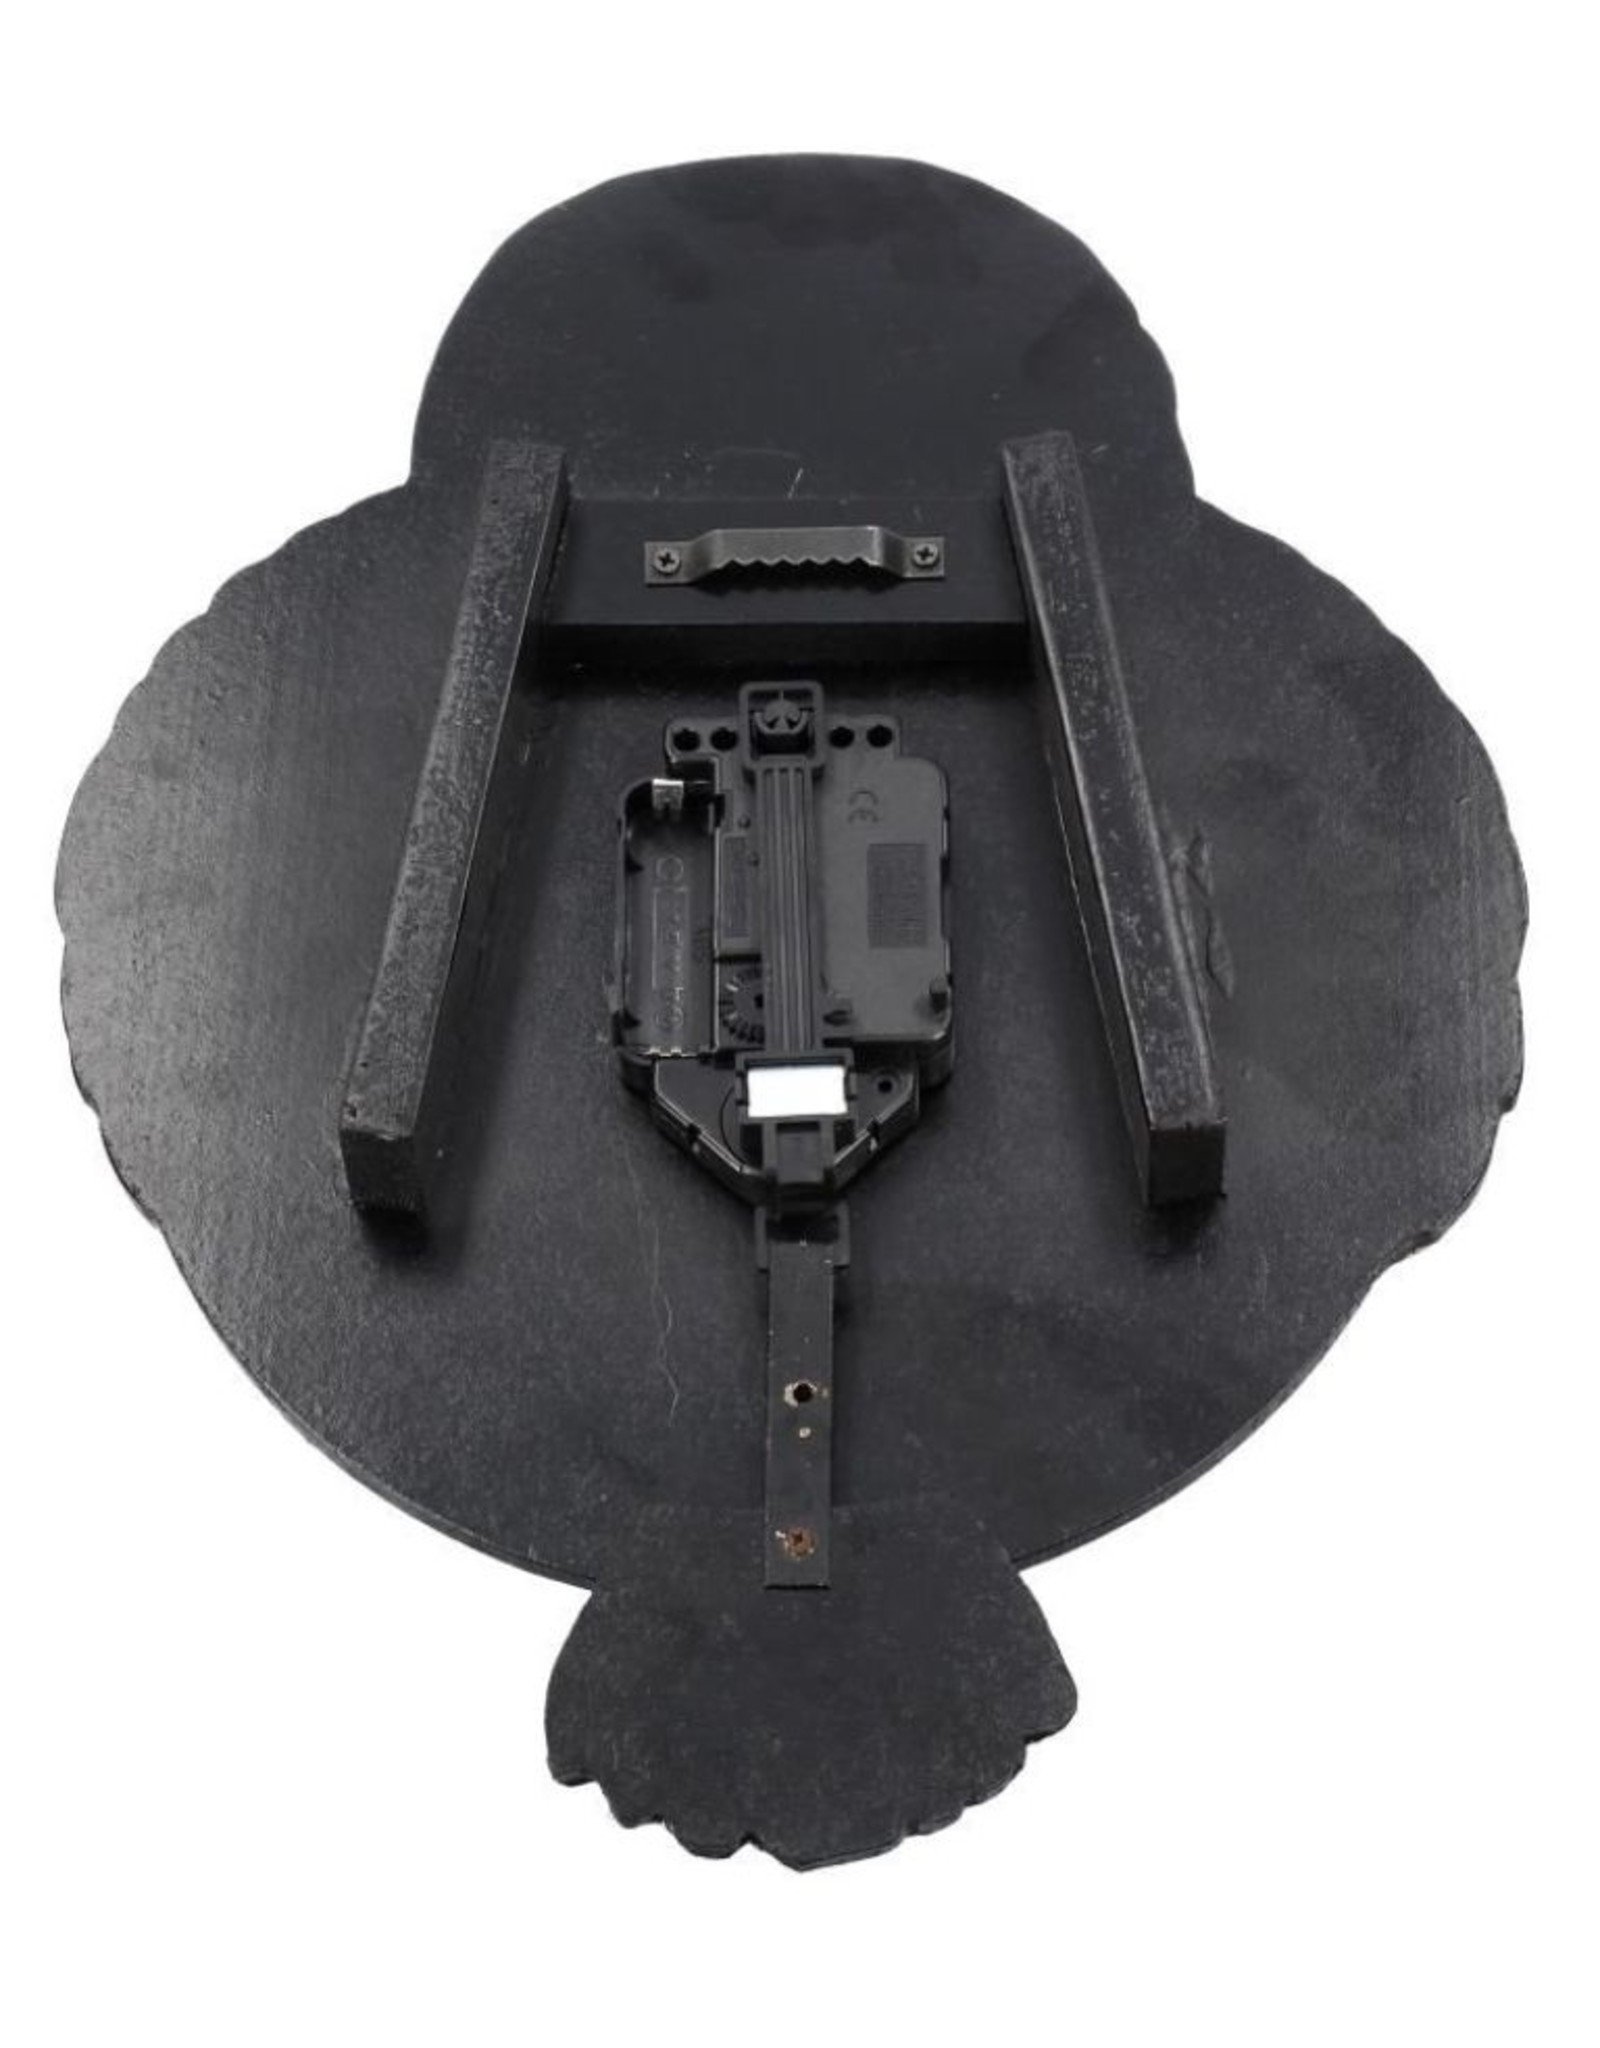 Nemesis Now Giftware and Collectables - Hootin' Tickin' Owl Pendulum Clock Nemesis Now